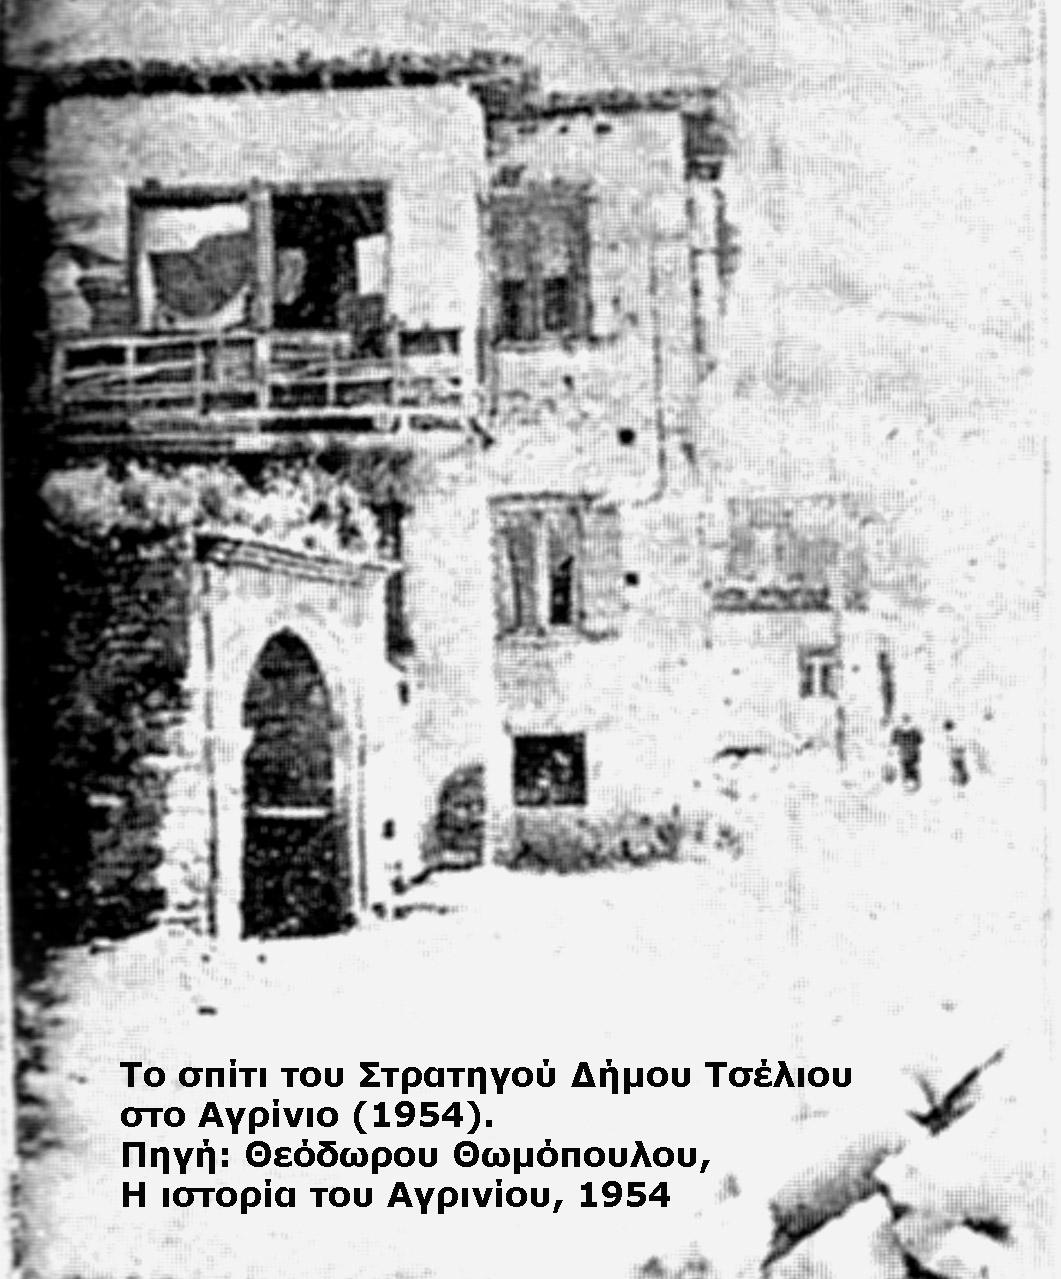 Το σπίτι του Δήμου Τσέλιου, που έδωσε το όνομα στην οδό Δημοτσελίου